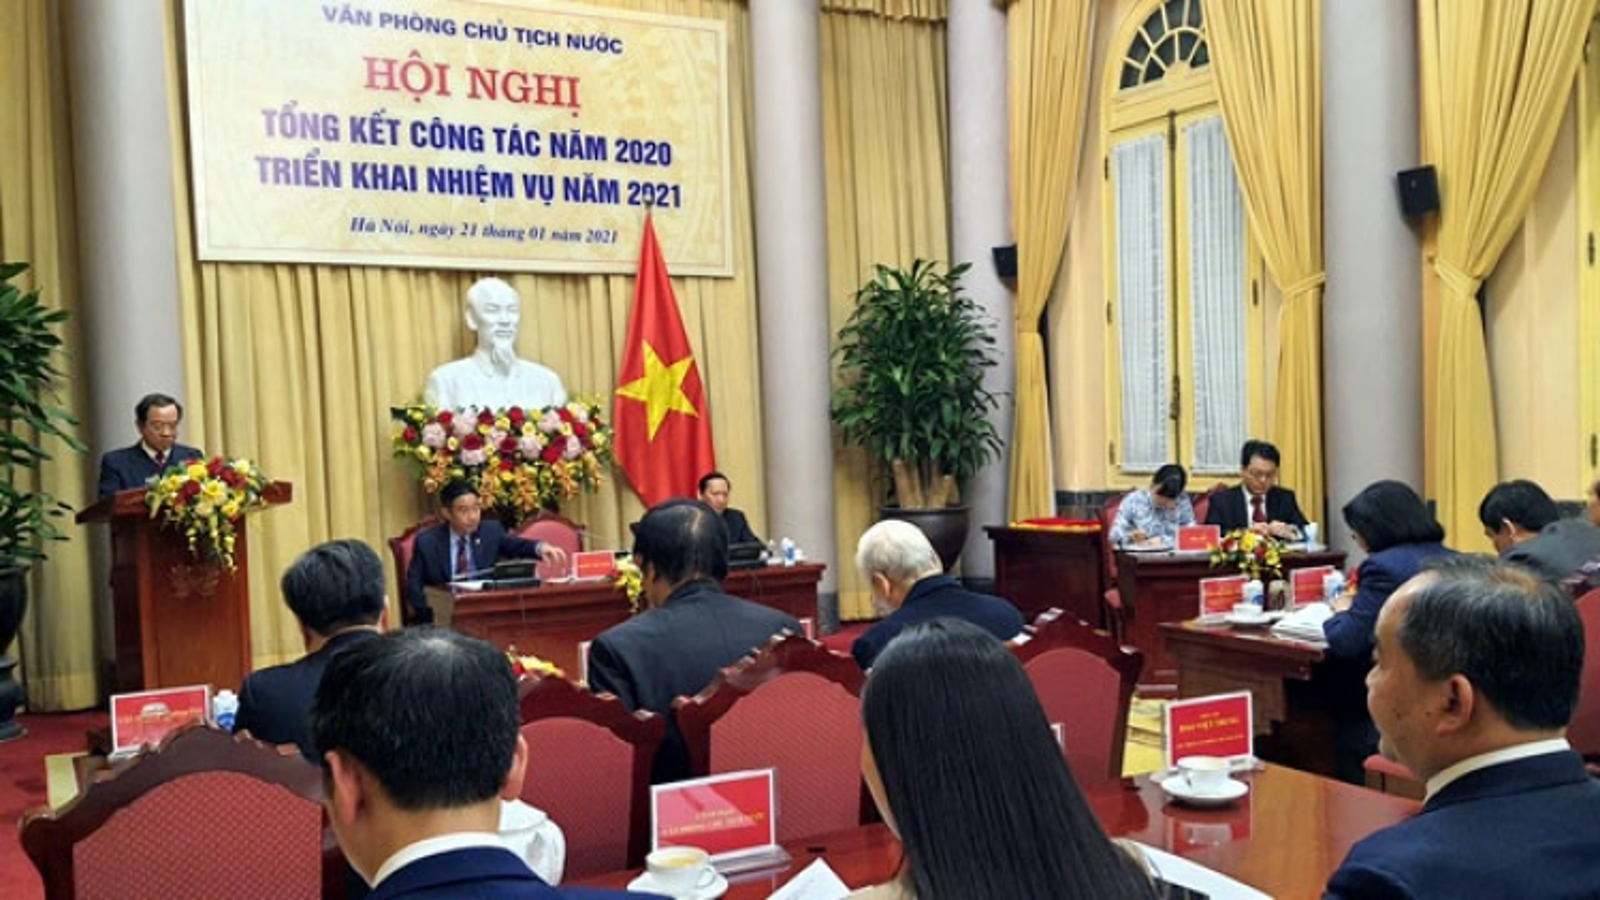 Tổng Bí thư dự Hội nghị triển khai nhiệm vụ 2021 của Văn phòng Chủ tịch nước